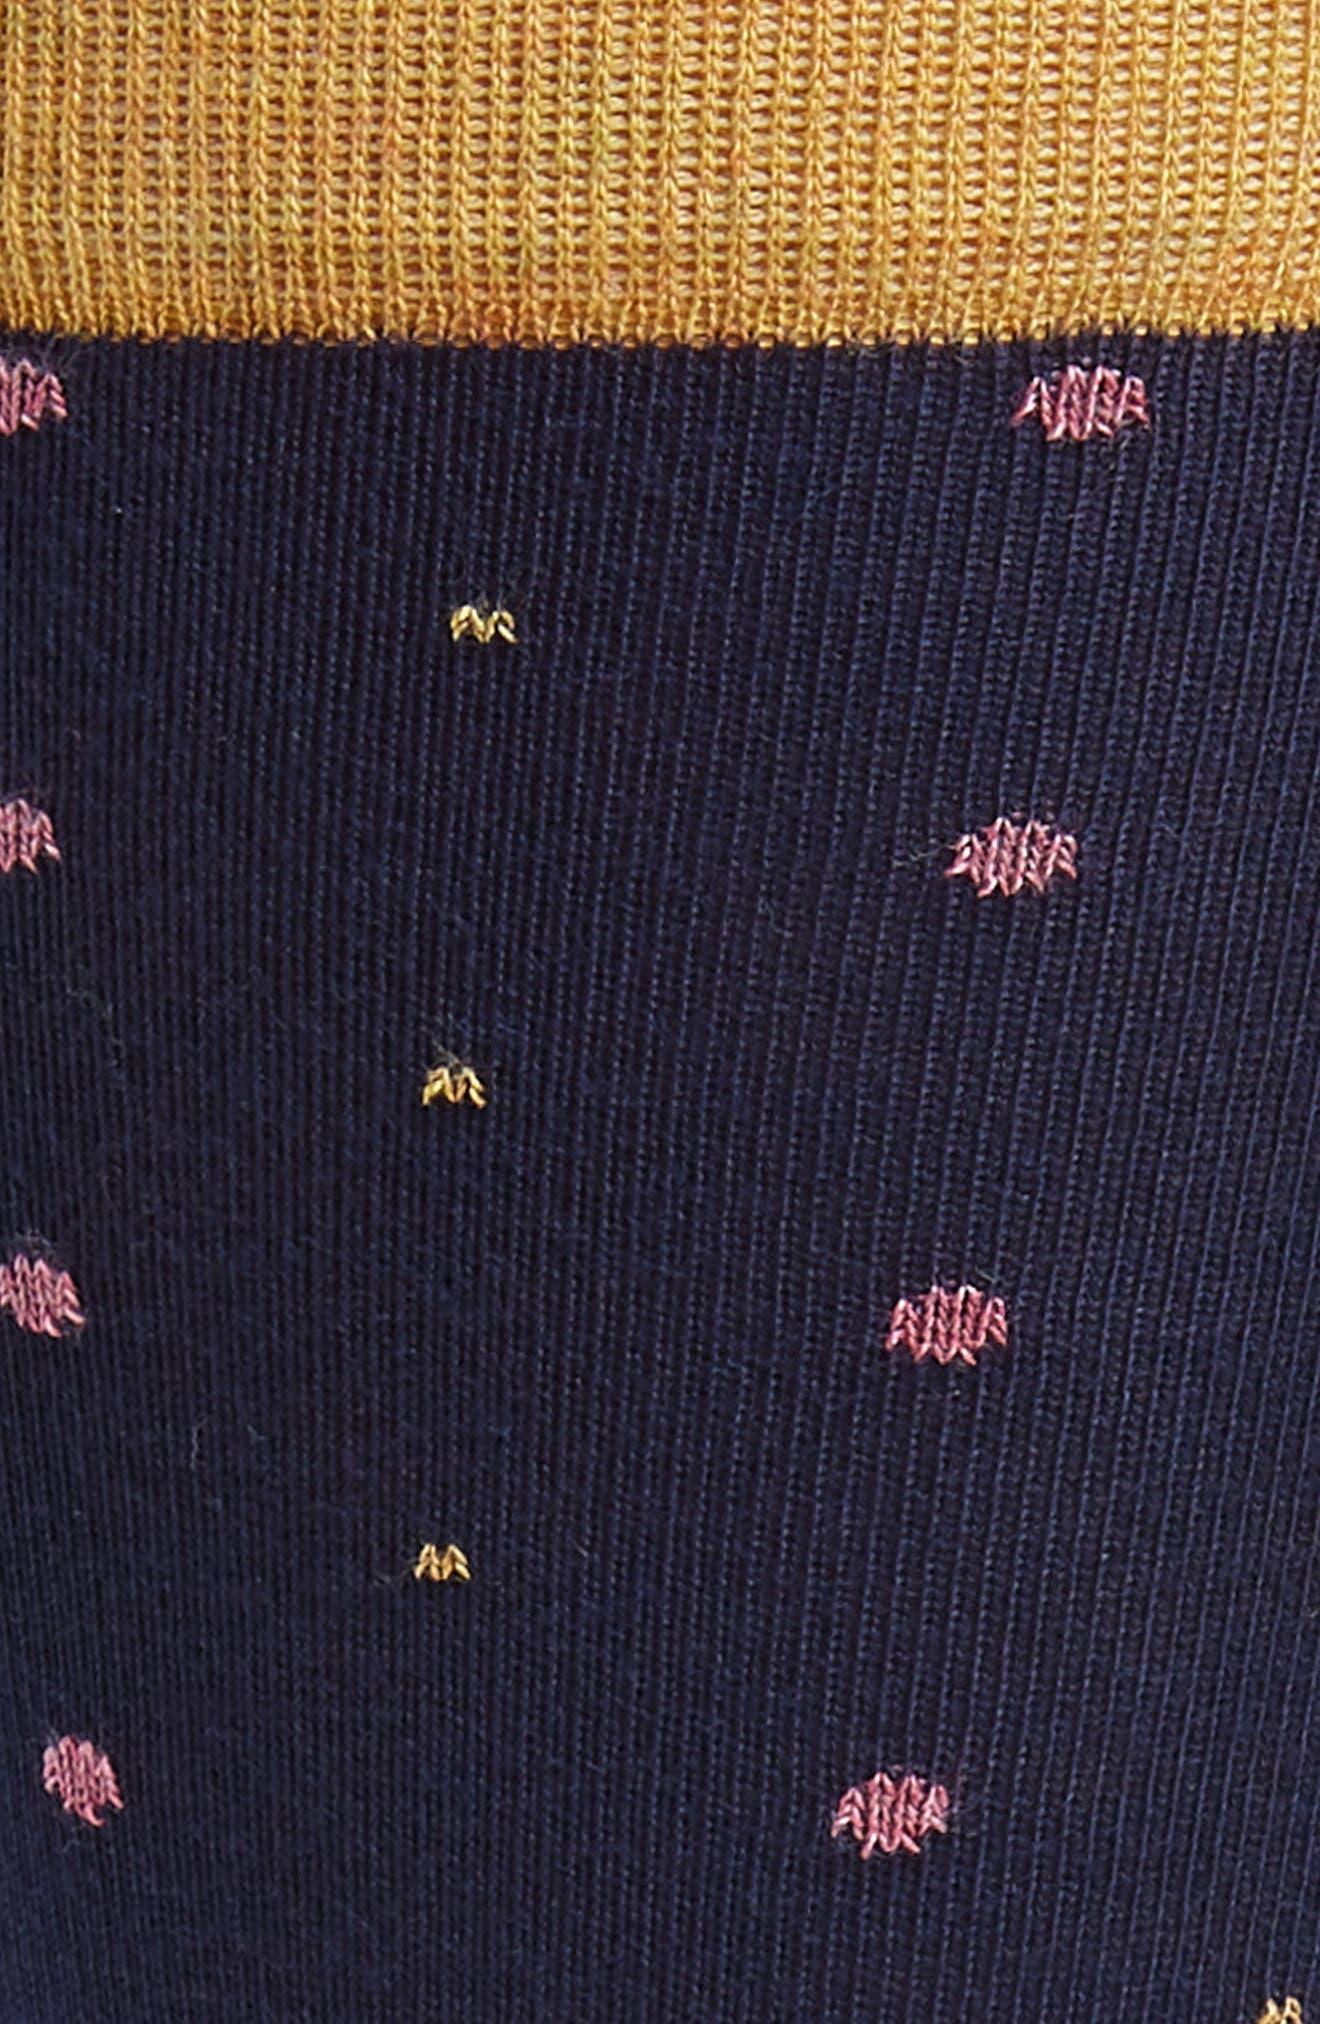 Pin Dot Socks,                             Alternate thumbnail 2, color,                             410